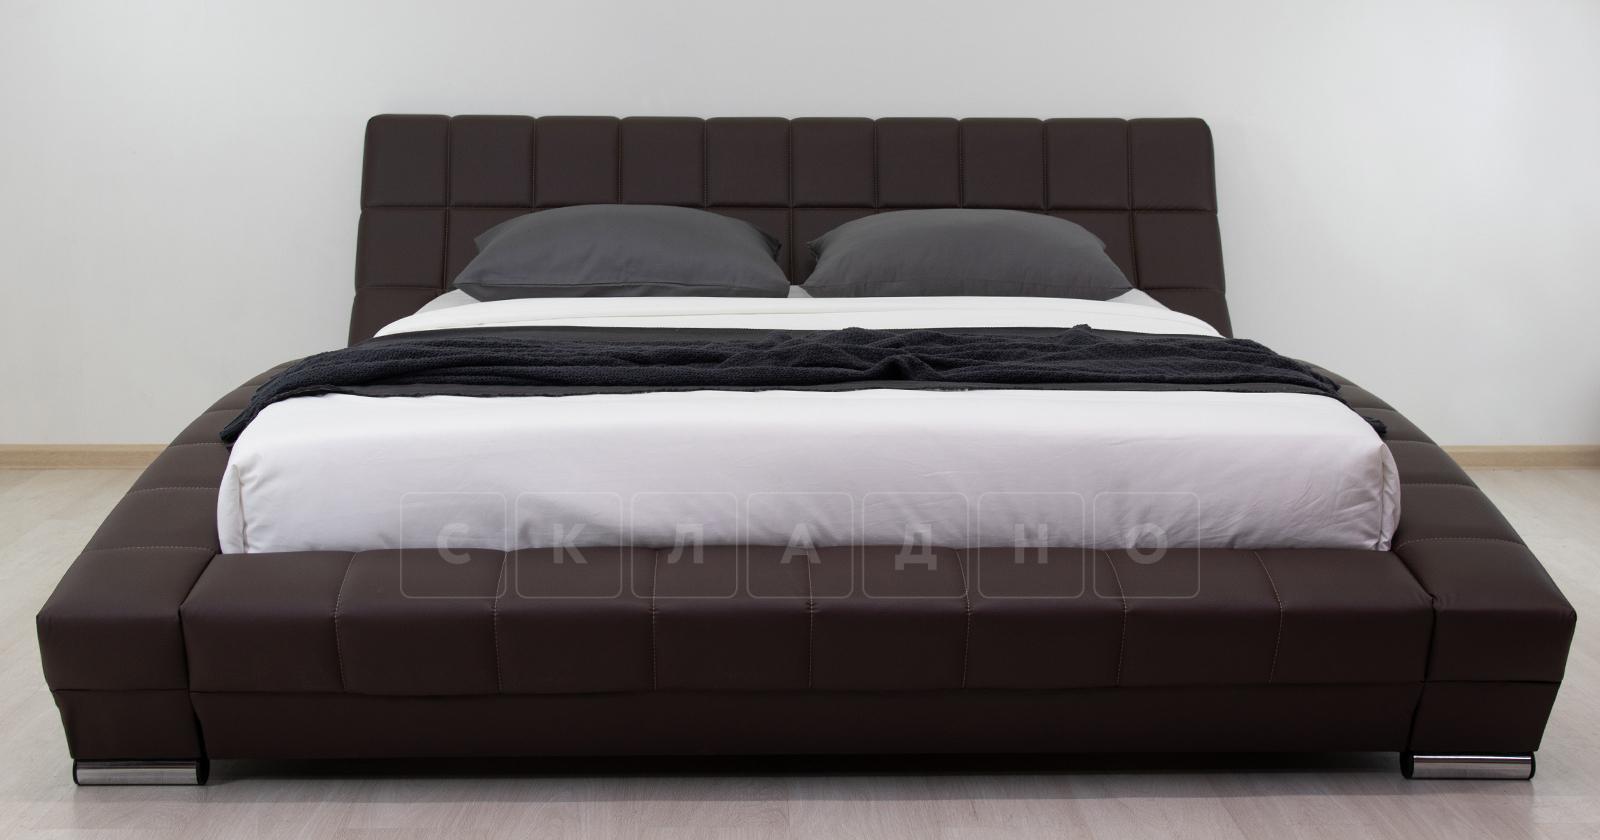 Мягкая кровать Оливия 160 см экокожа шоколад фото 3 | интернет-магазин Складно